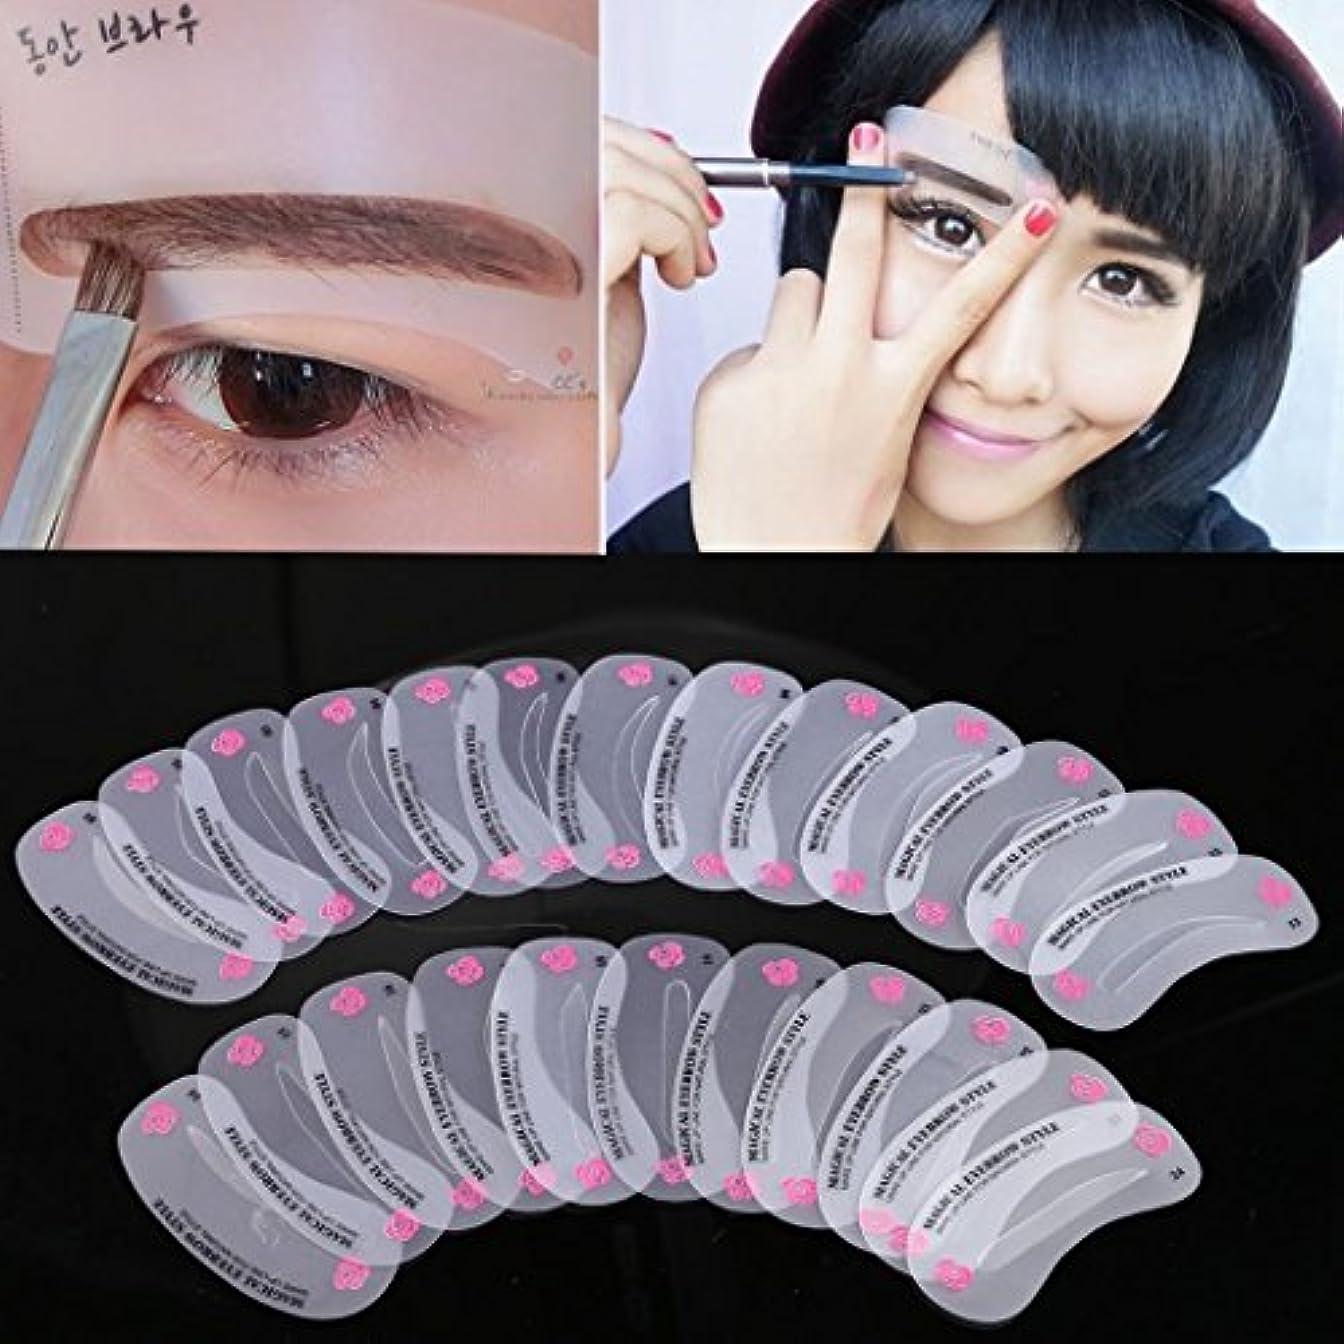 追加する同志顕微鏡グルーミングキットセット化粧シェーパー眉ステンシル整形24の異なる眉スタイル